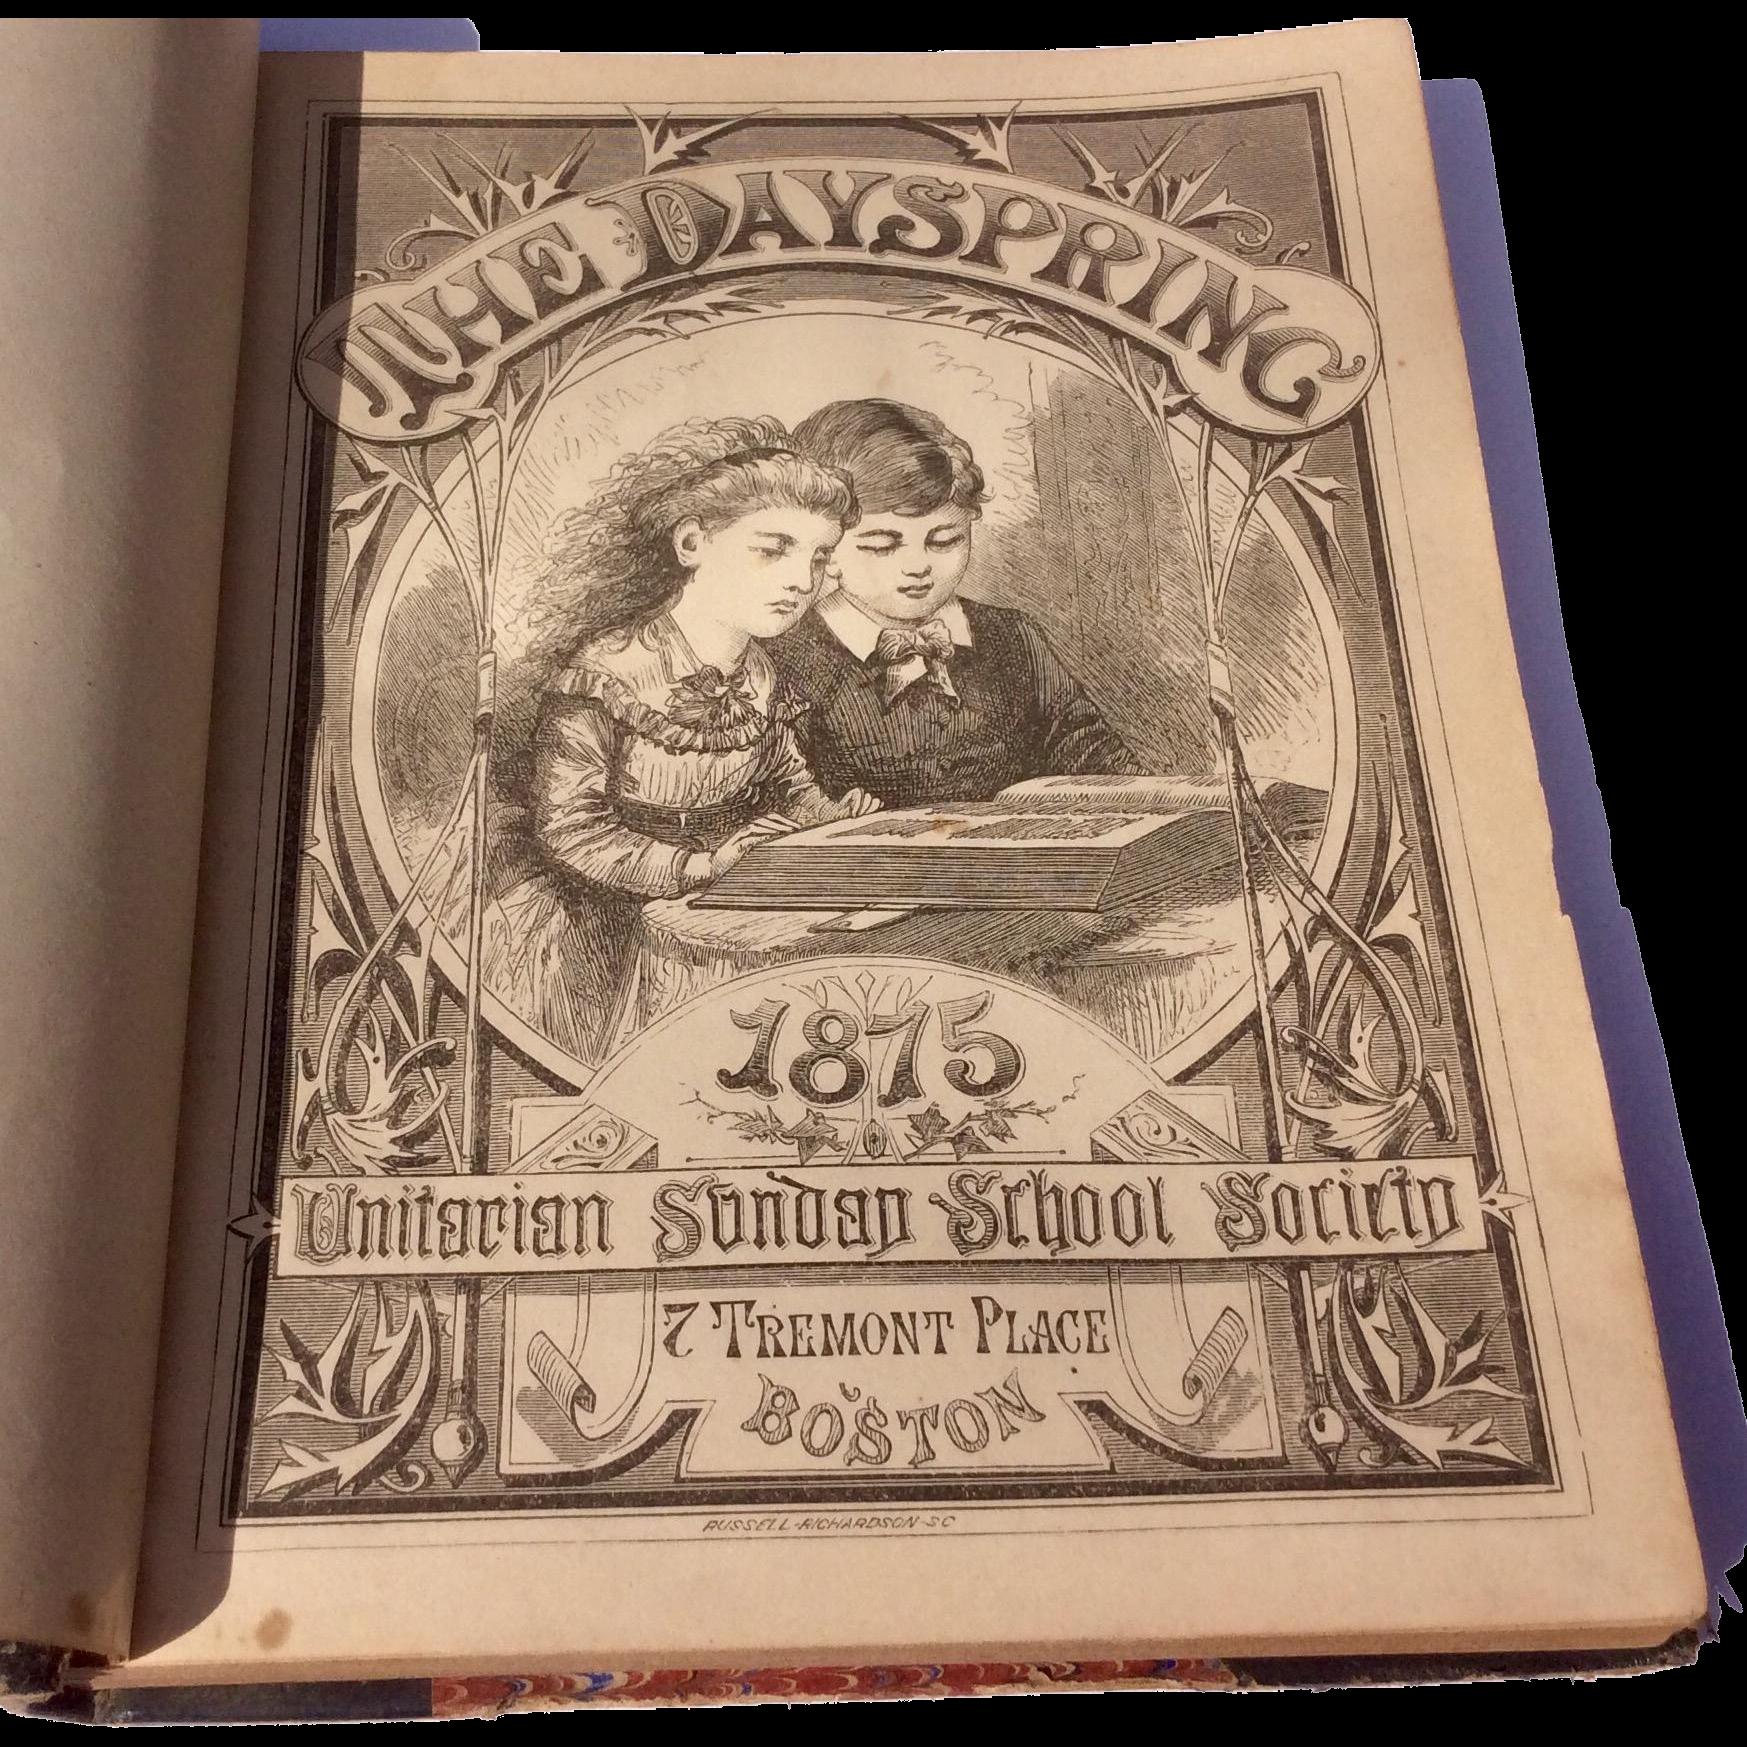 1875 Volume IV The Dayspring Unitarian Sunday-School Society